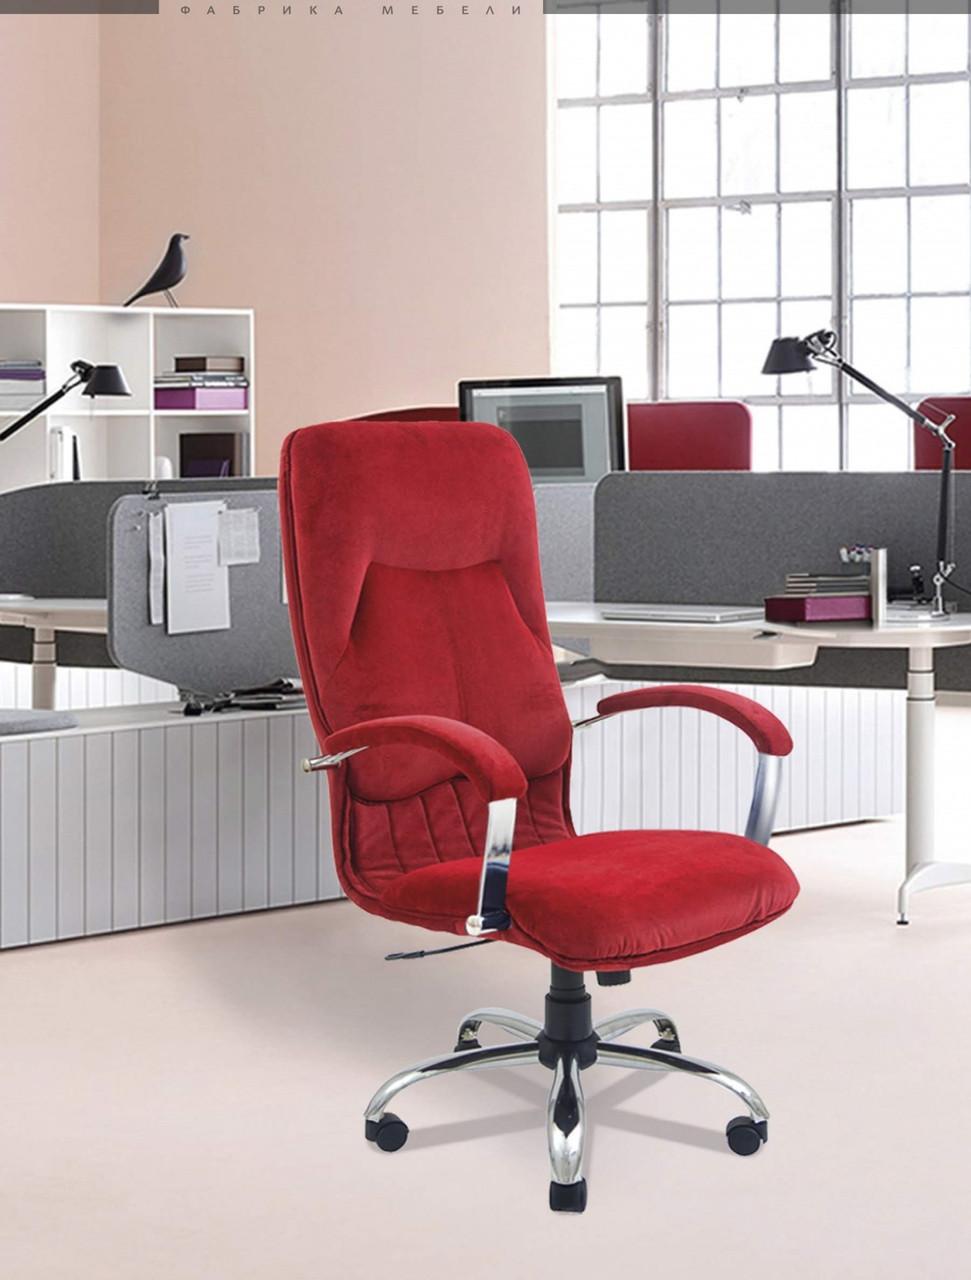 Офисное Кресло Руководителя Richman Никосия Cervo 42 Хром М2 AnyFix Красное